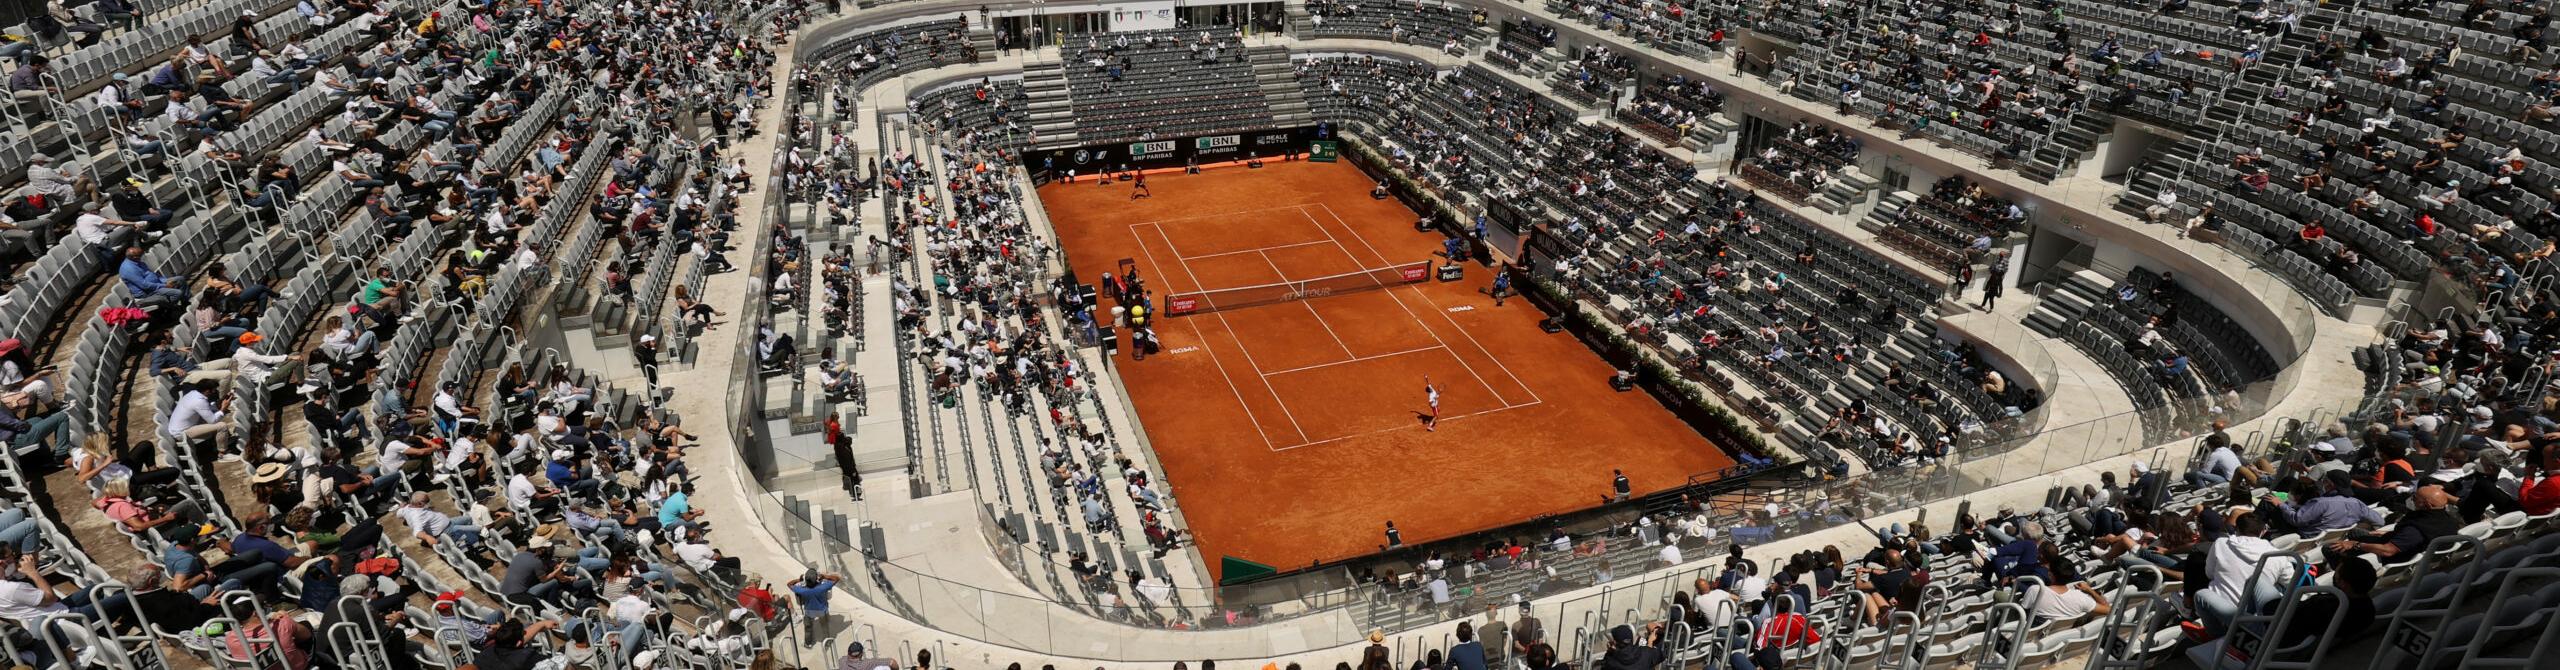 Pronostico Djokovic-Sonego: Lorenzo sogna un altro miracolo e la finale di Roma